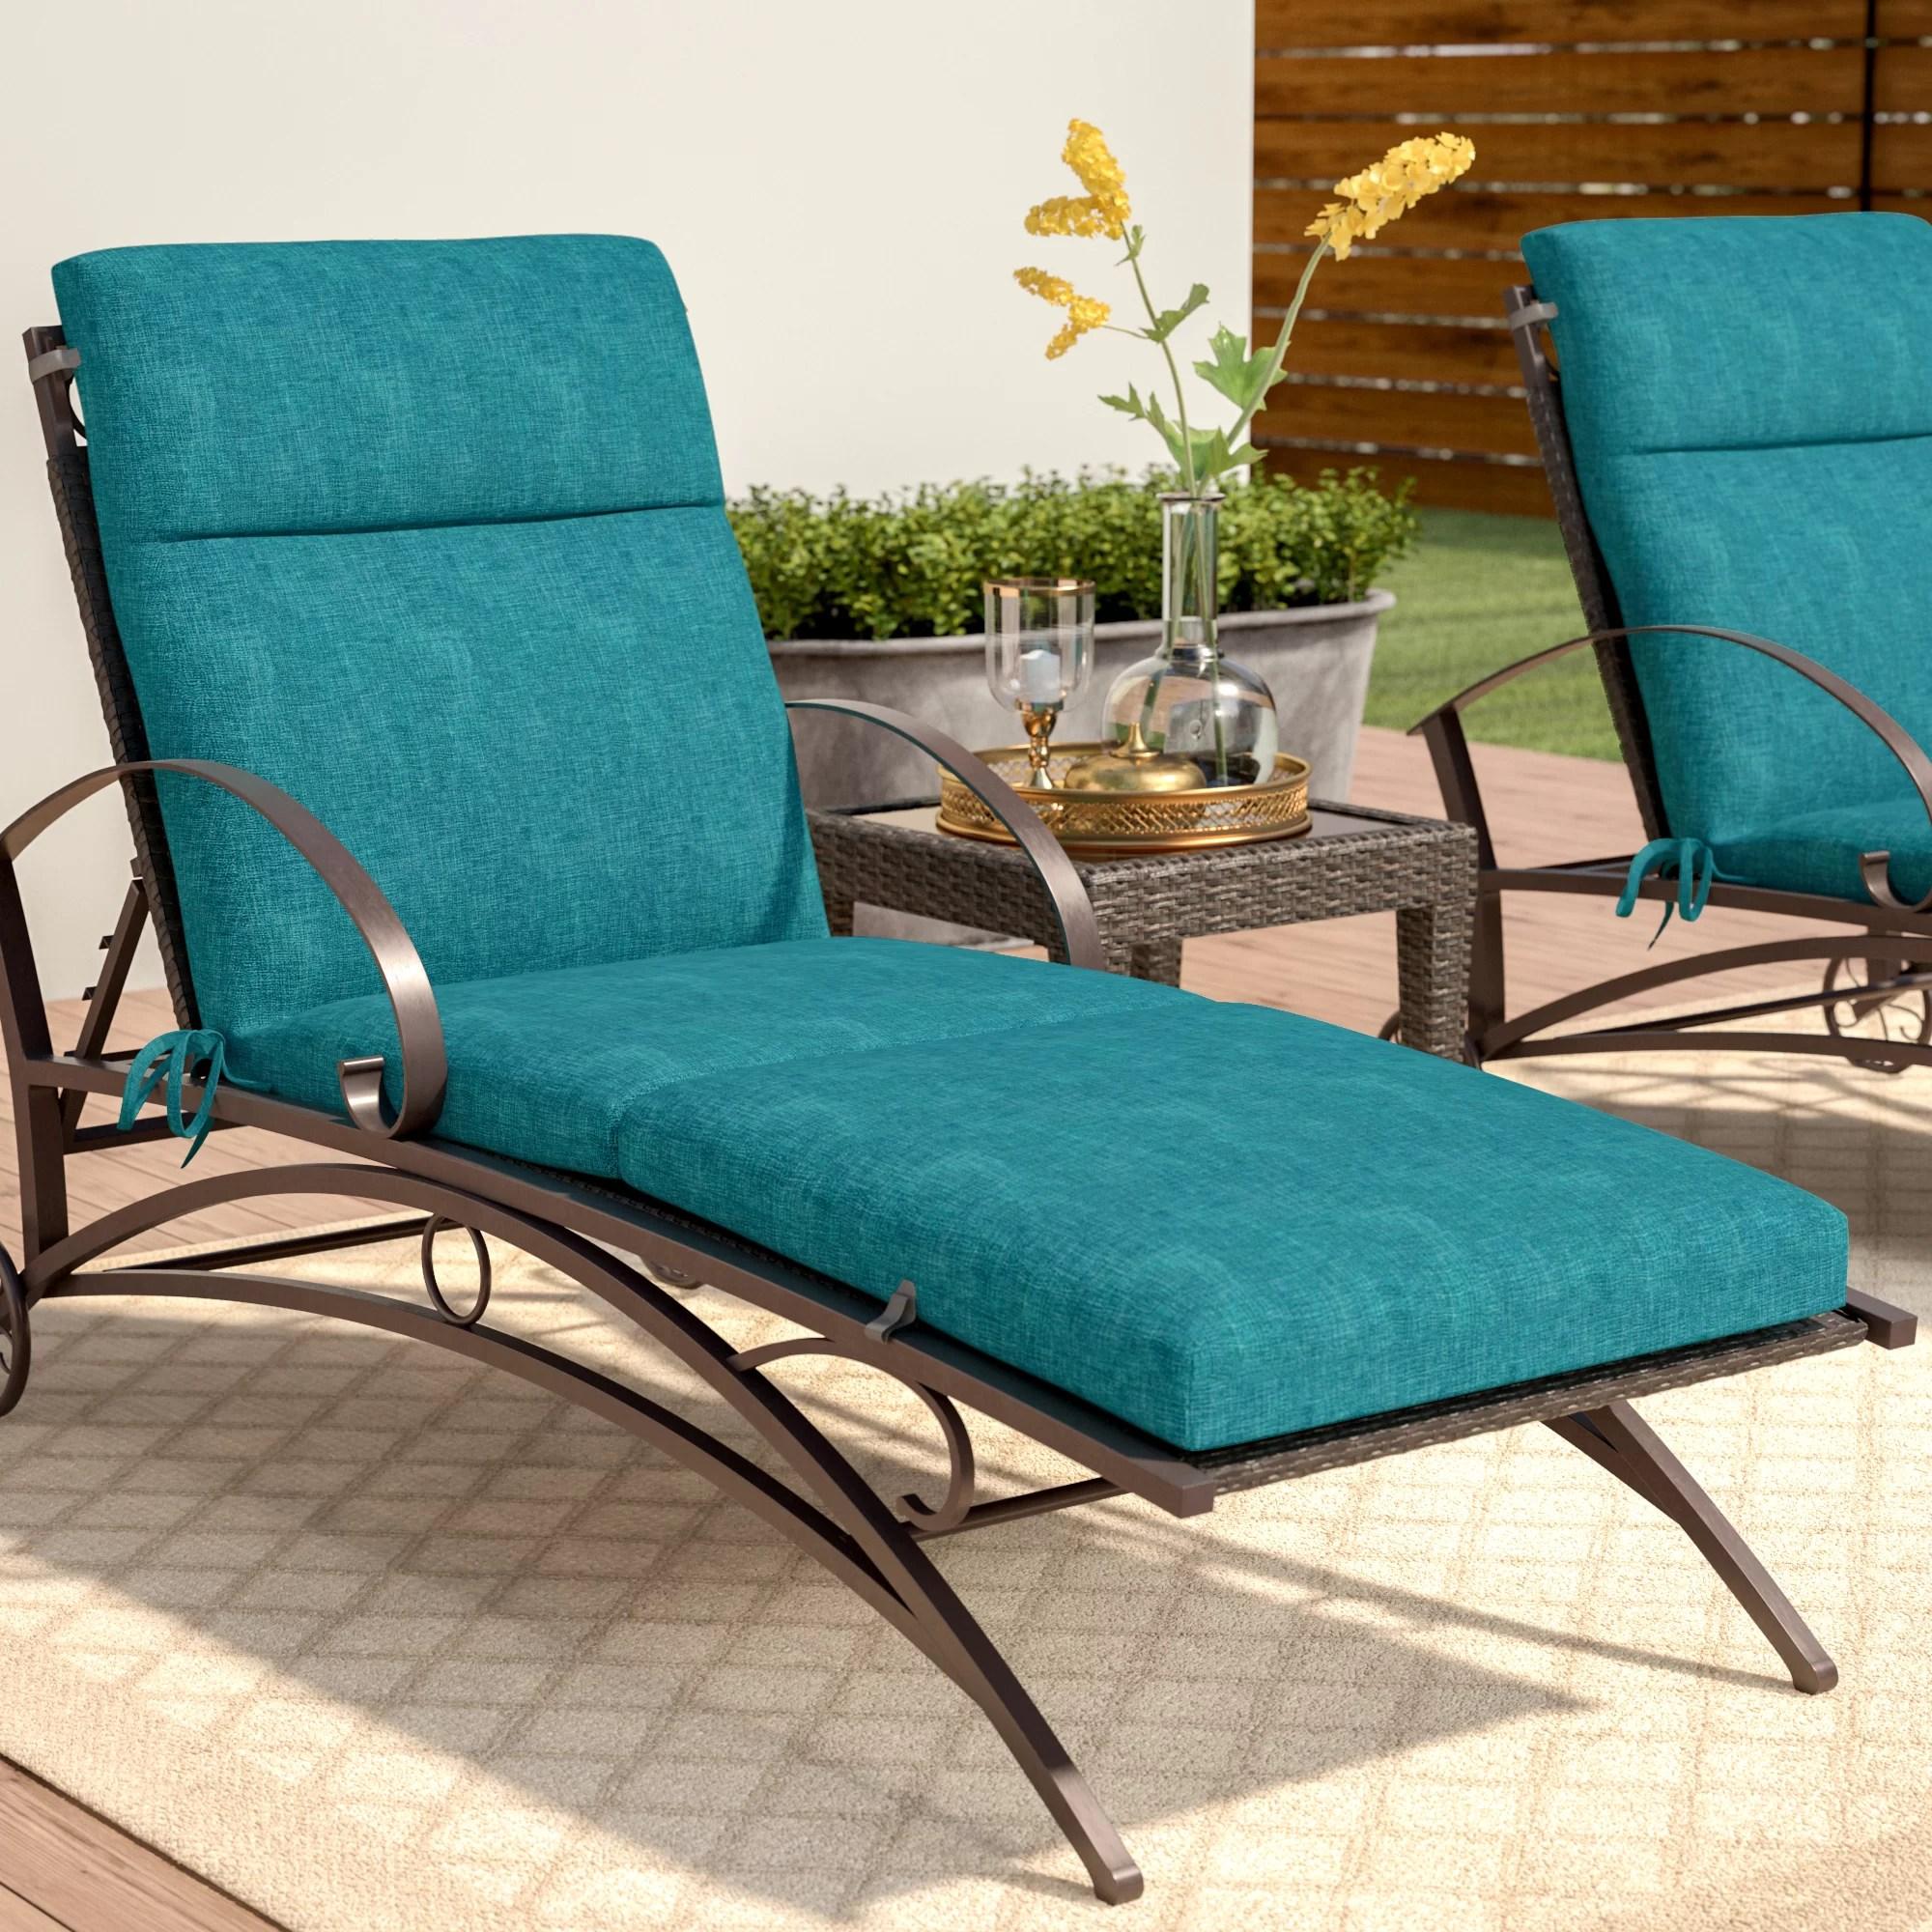 indoor outdoor seat back cushion